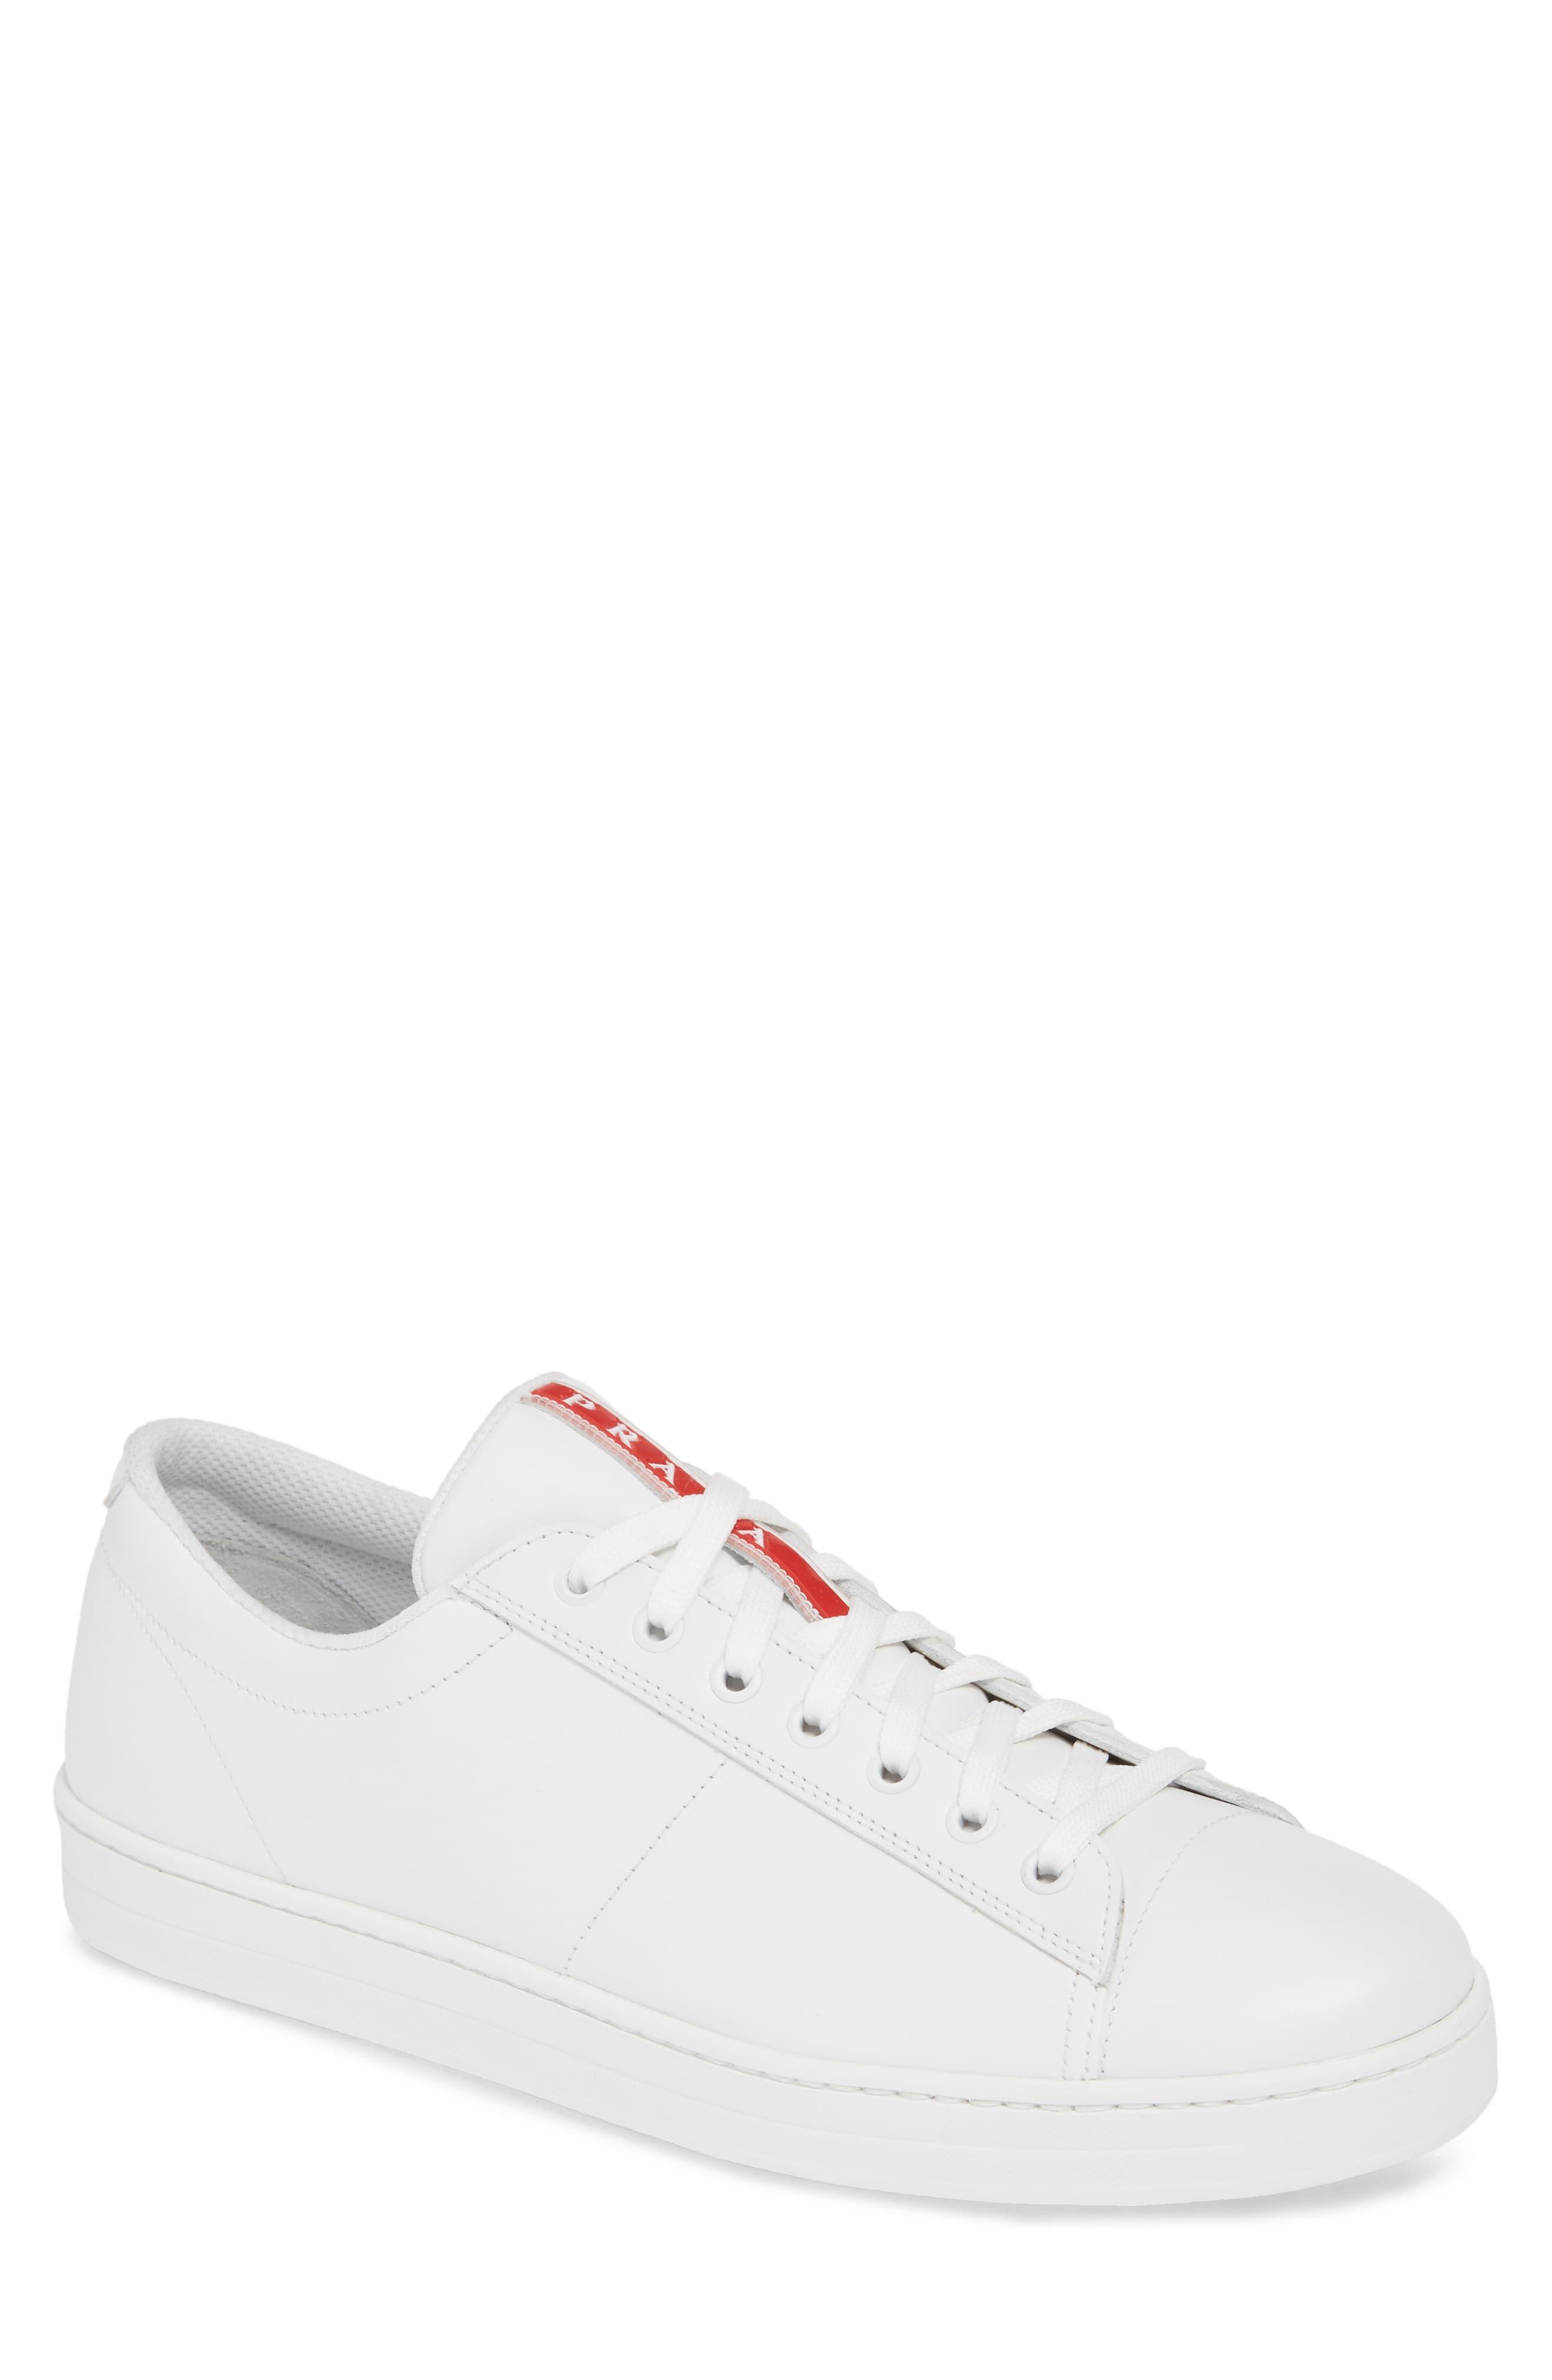 mens low top prada sneakers, OFF 77